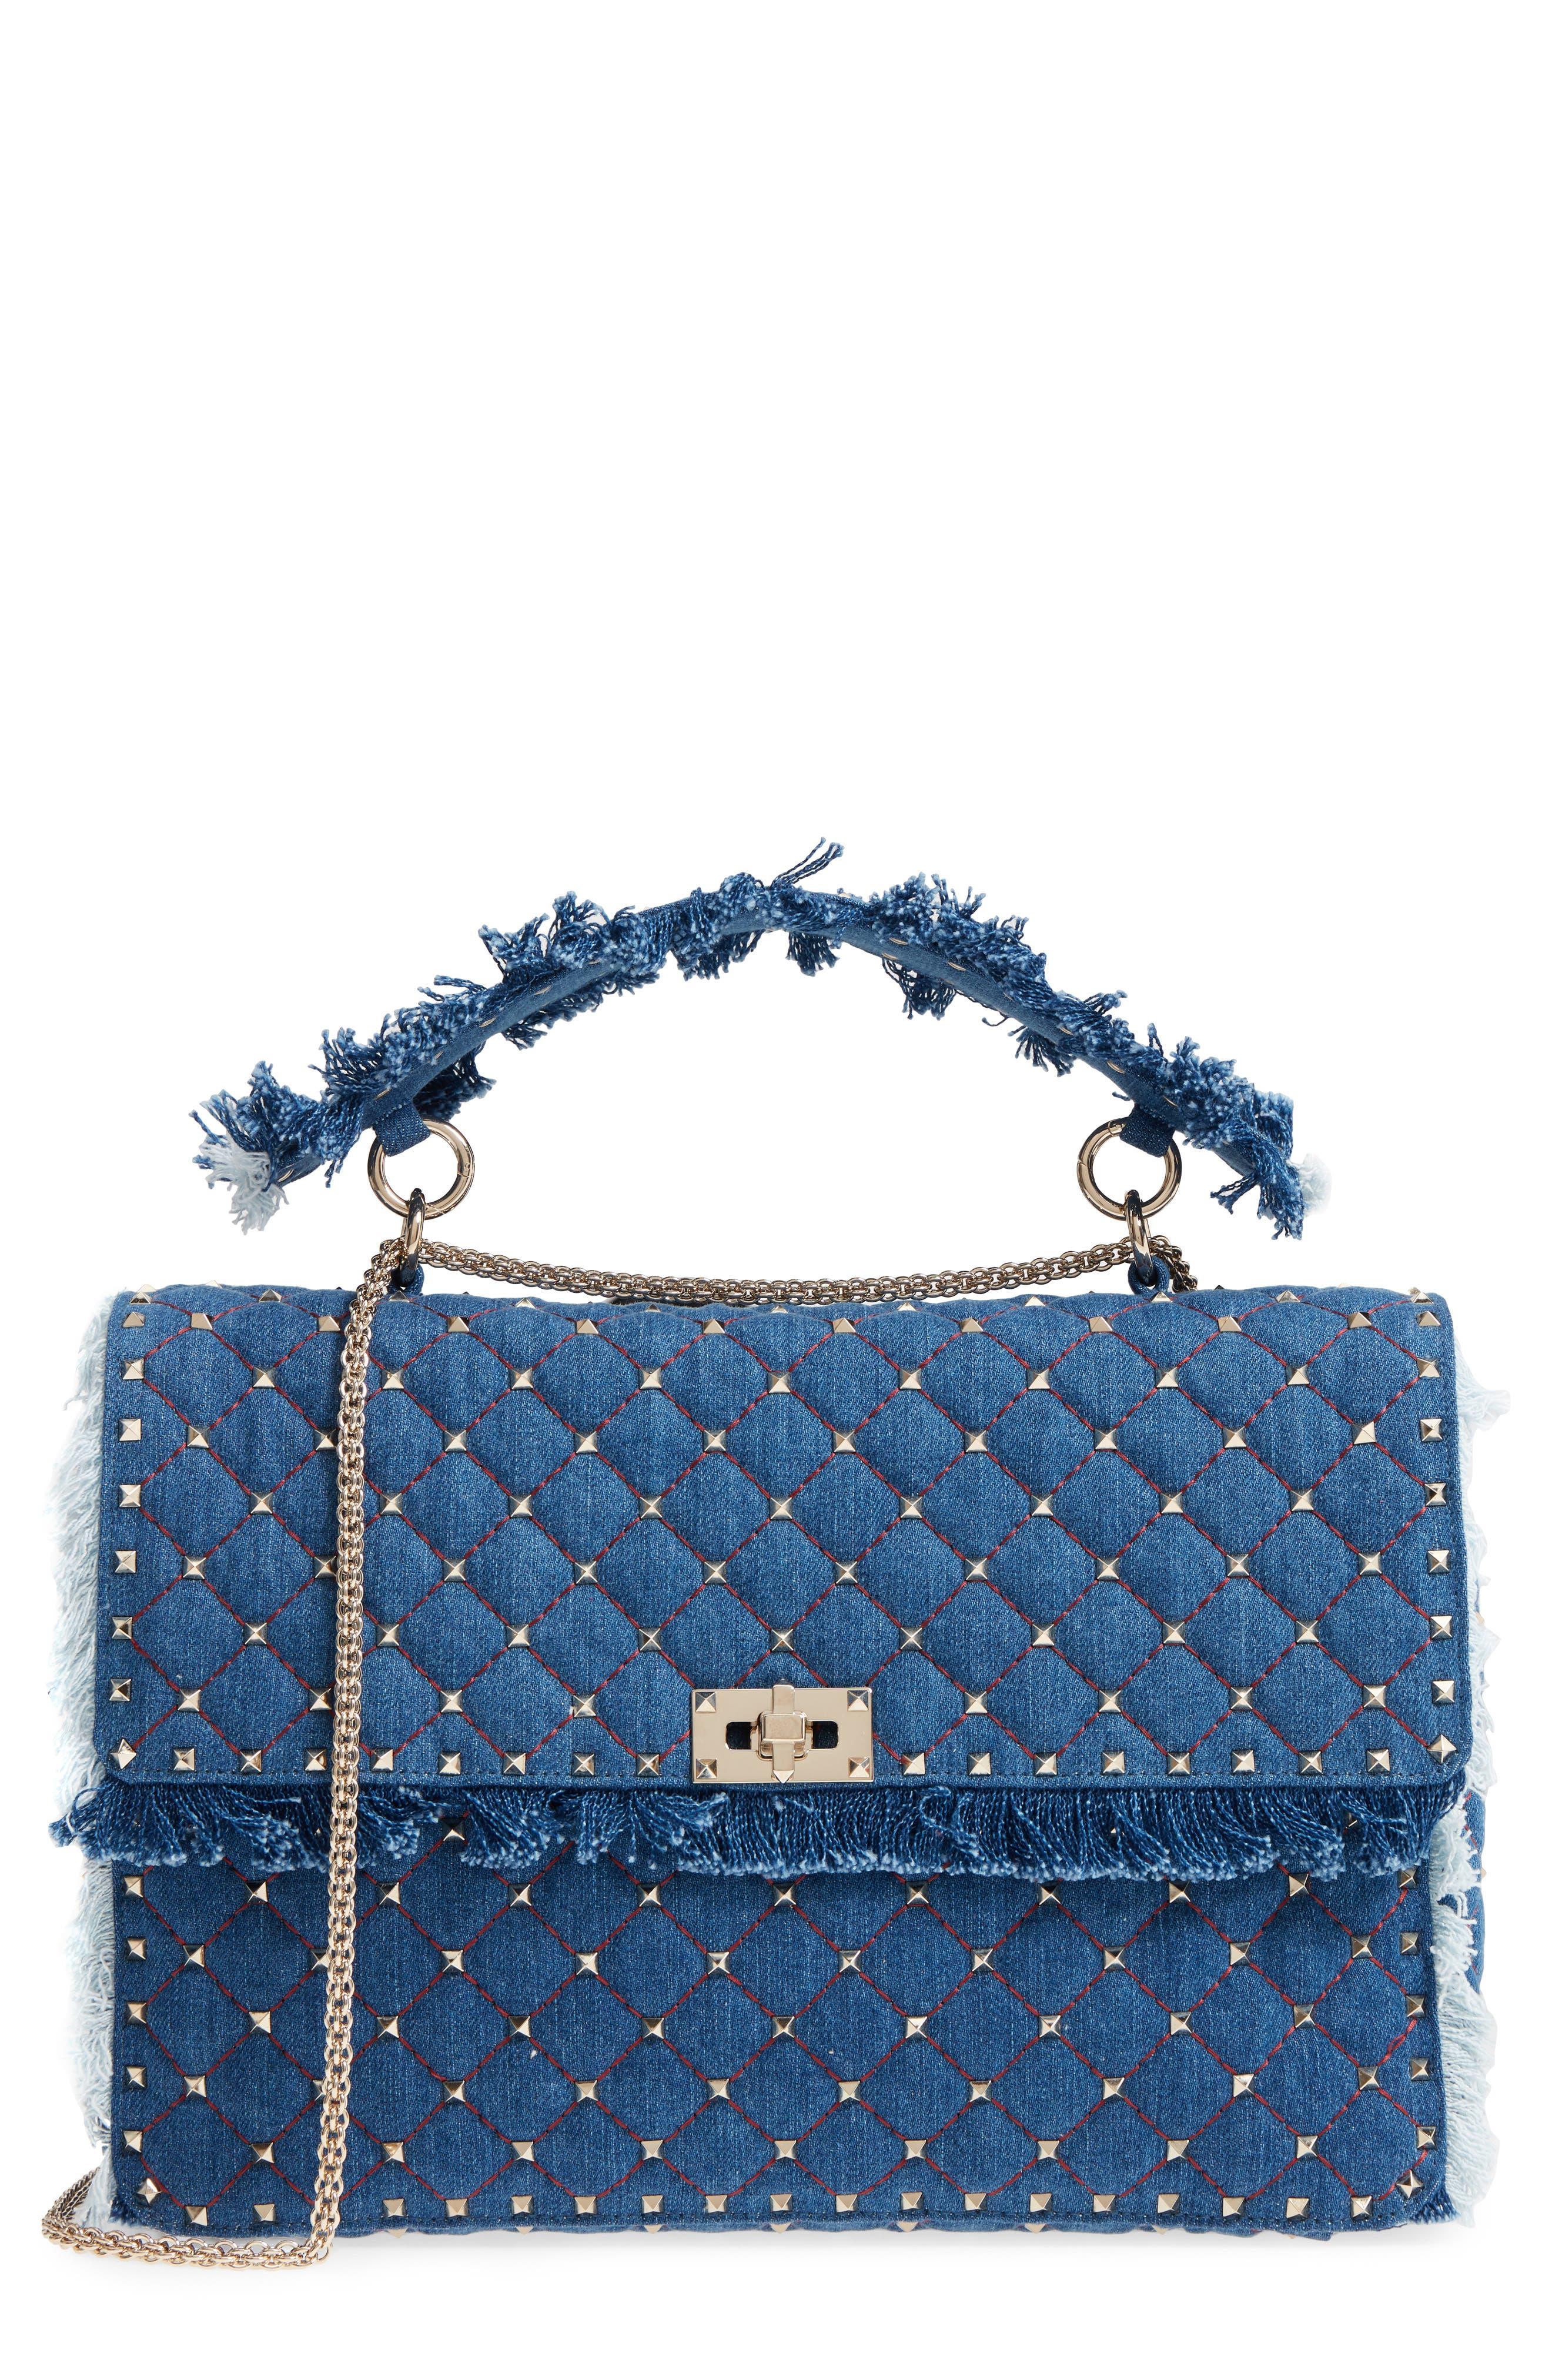 Alternate Image 1 Selected - VALENTINO GARAVANI Maxi Rockstud Spike Denim Shoulder Bag